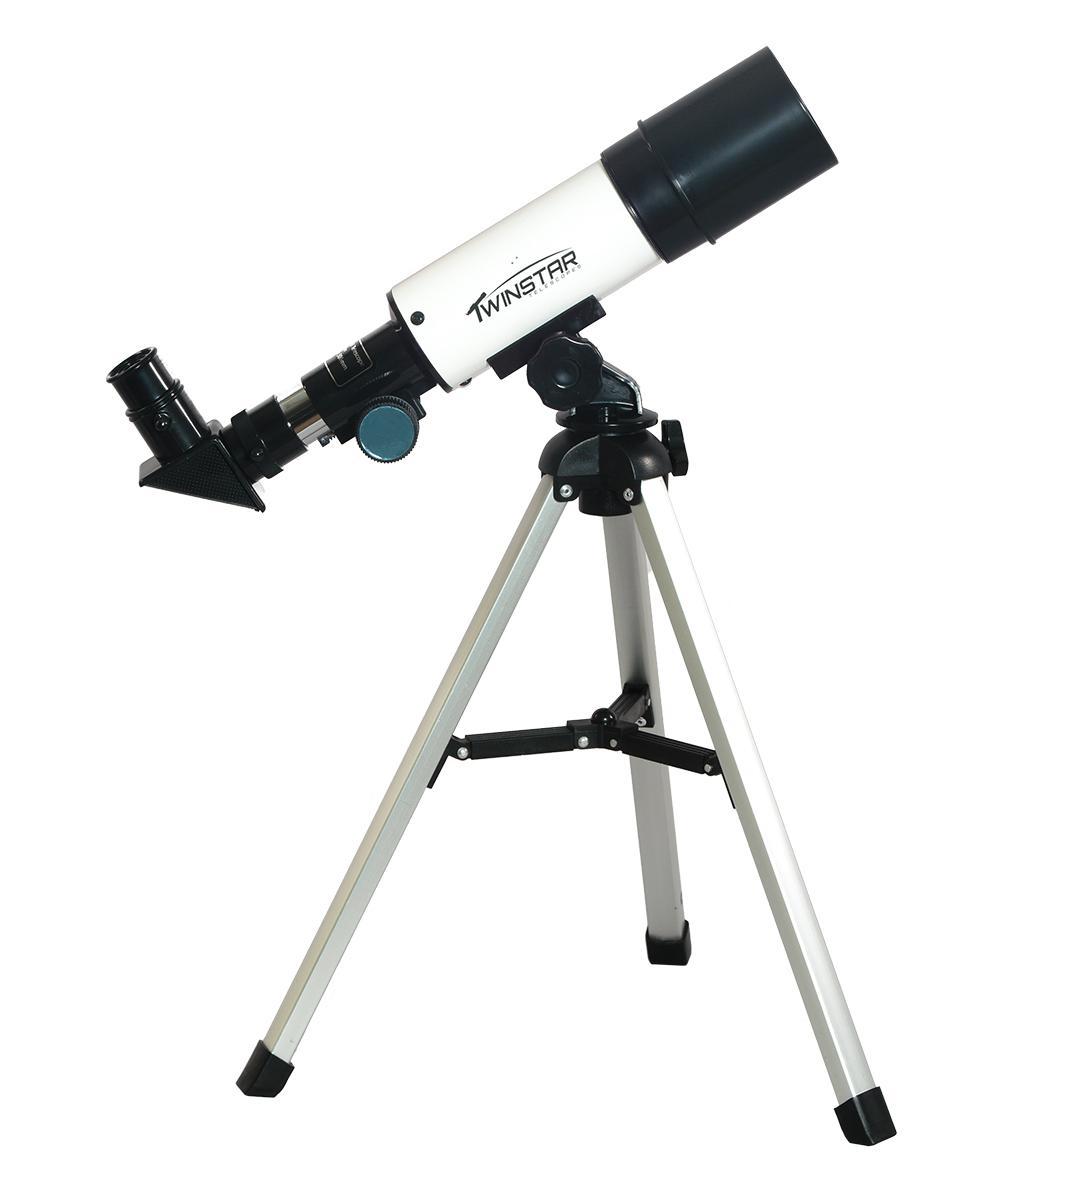 Twinstar 50mm Compact Refractor Telescope